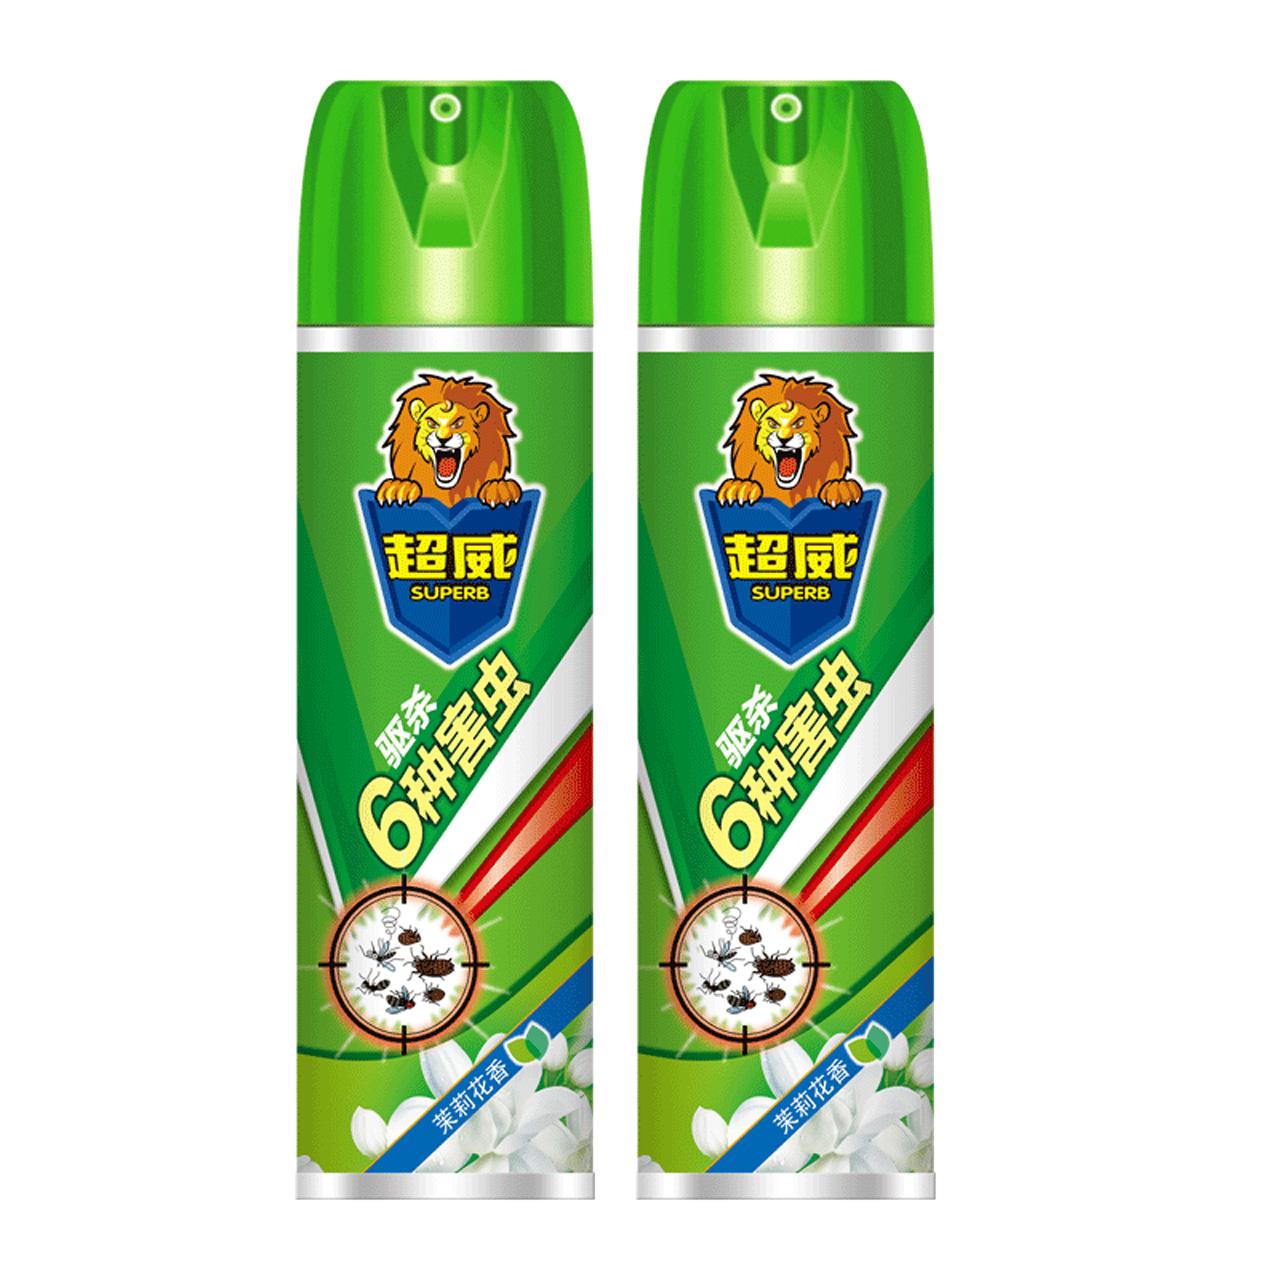 超威杀虫气雾剂茉莉花香300毫升*2杀蚊杀蟑螂杀蚂蚁驱杀6种害虫